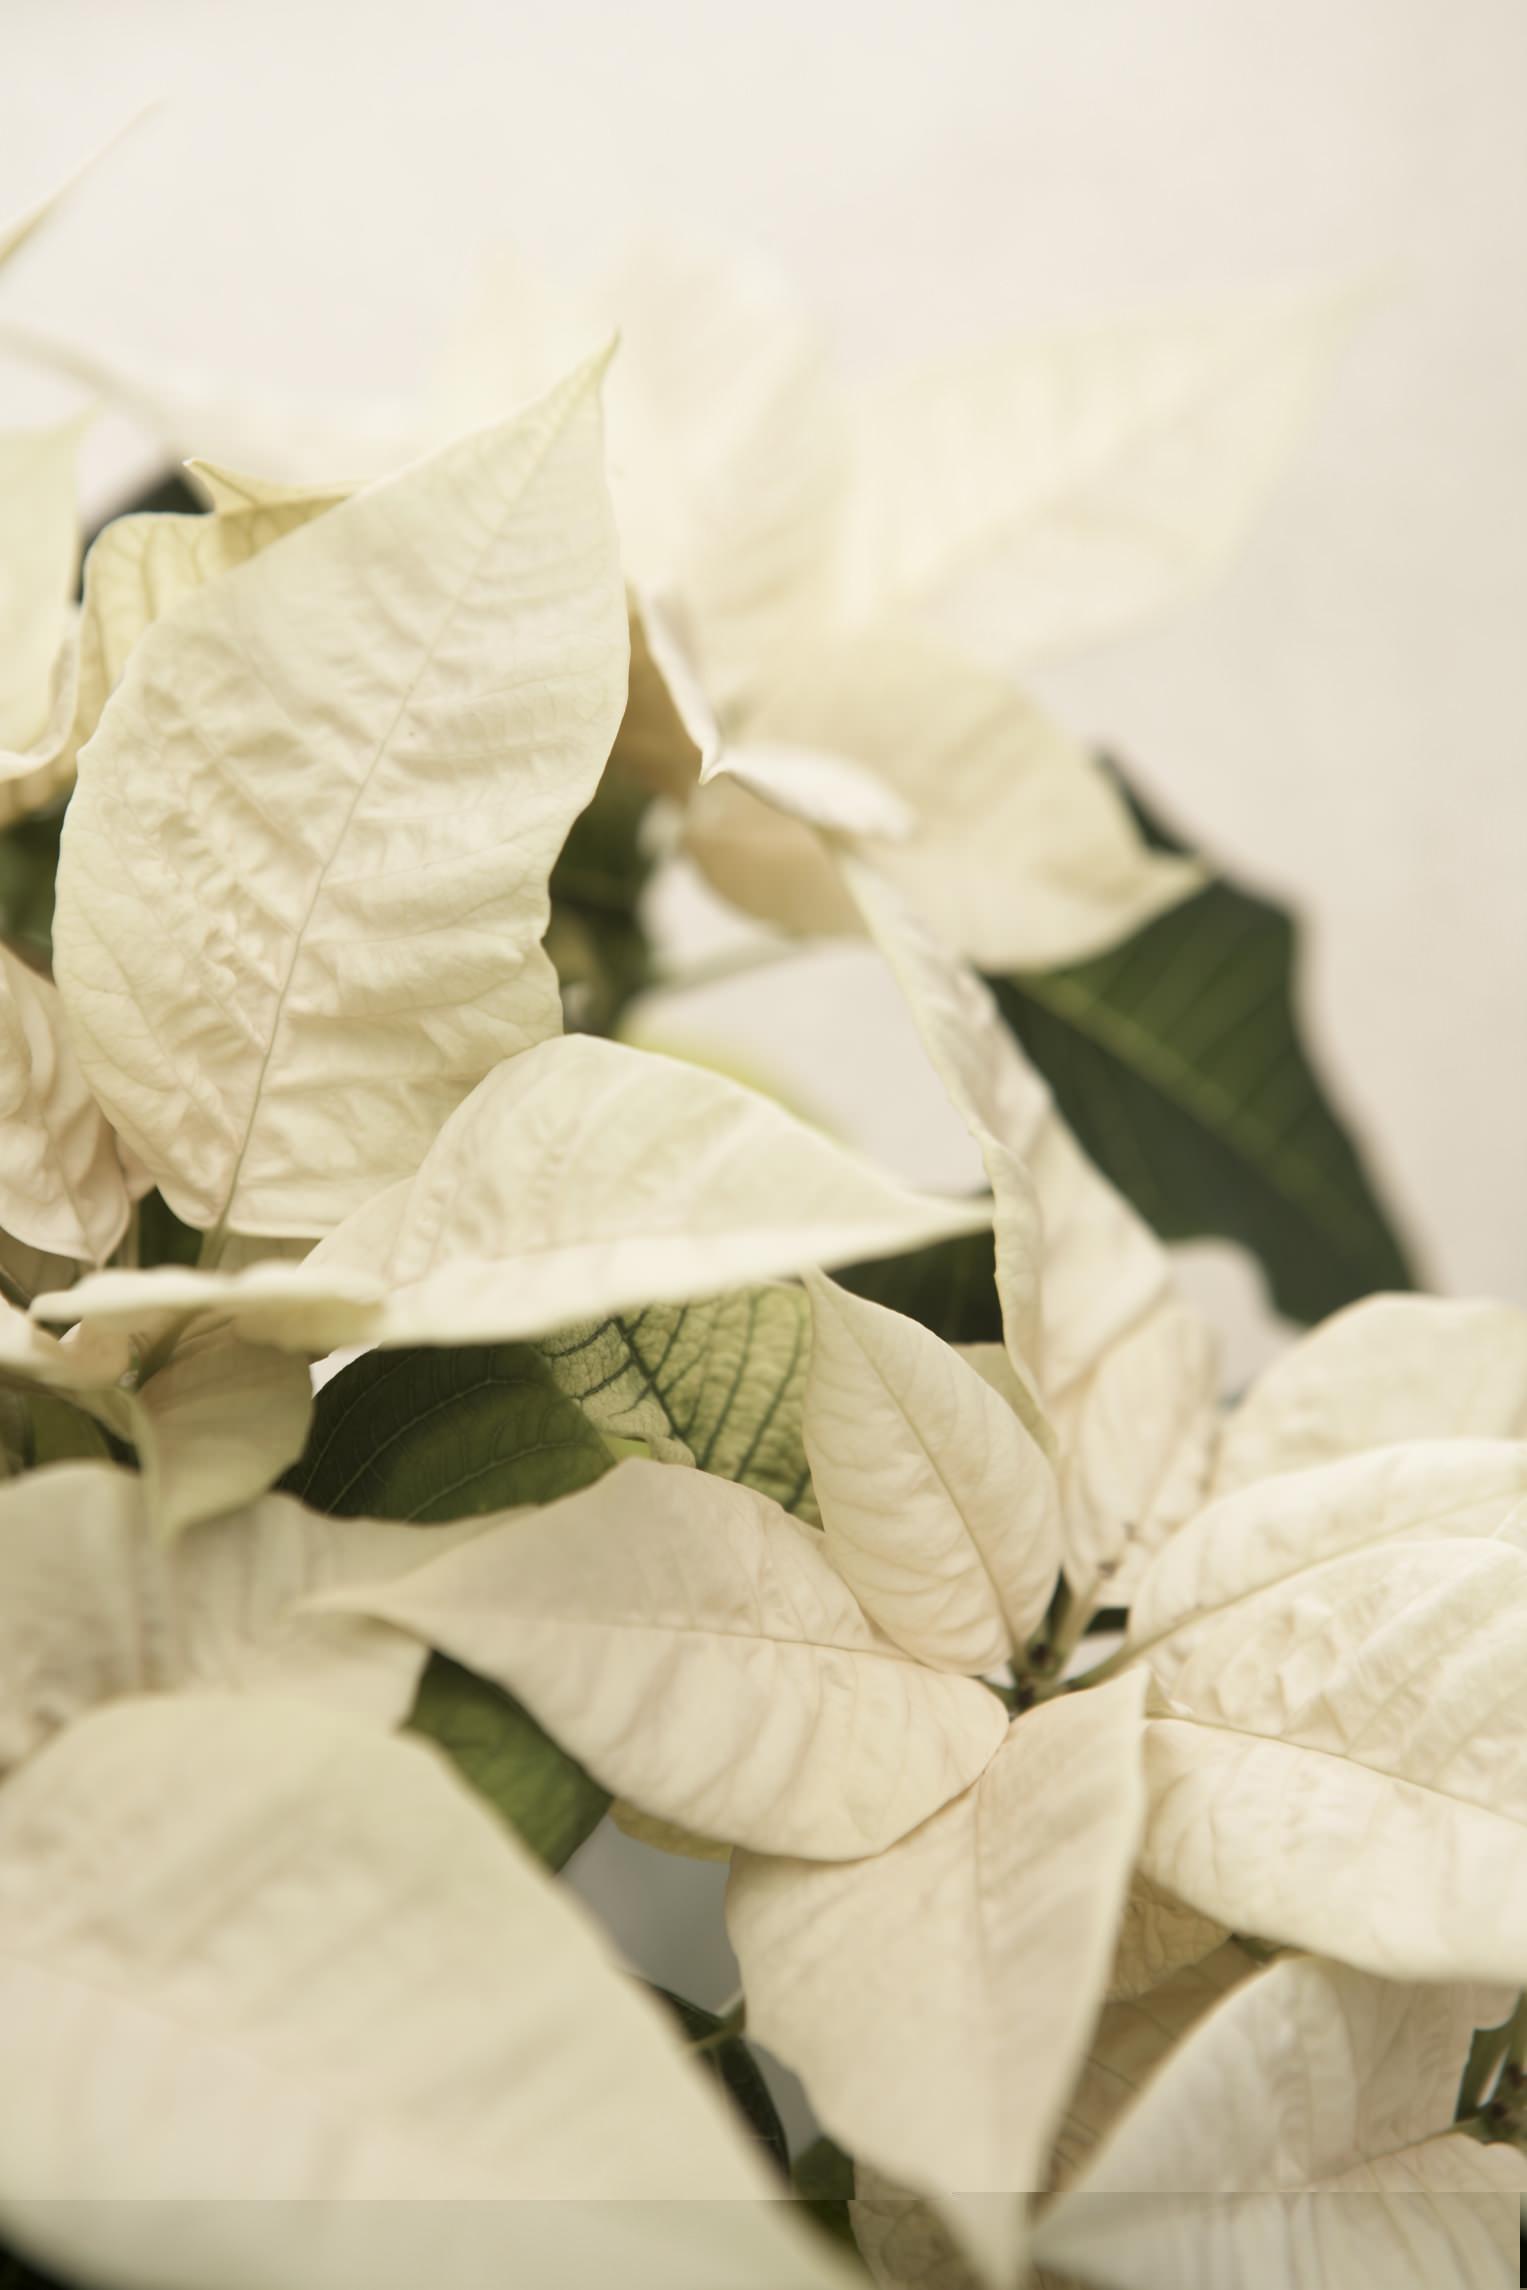 Stella di Natale: Poinsettia dalle brattee bianche